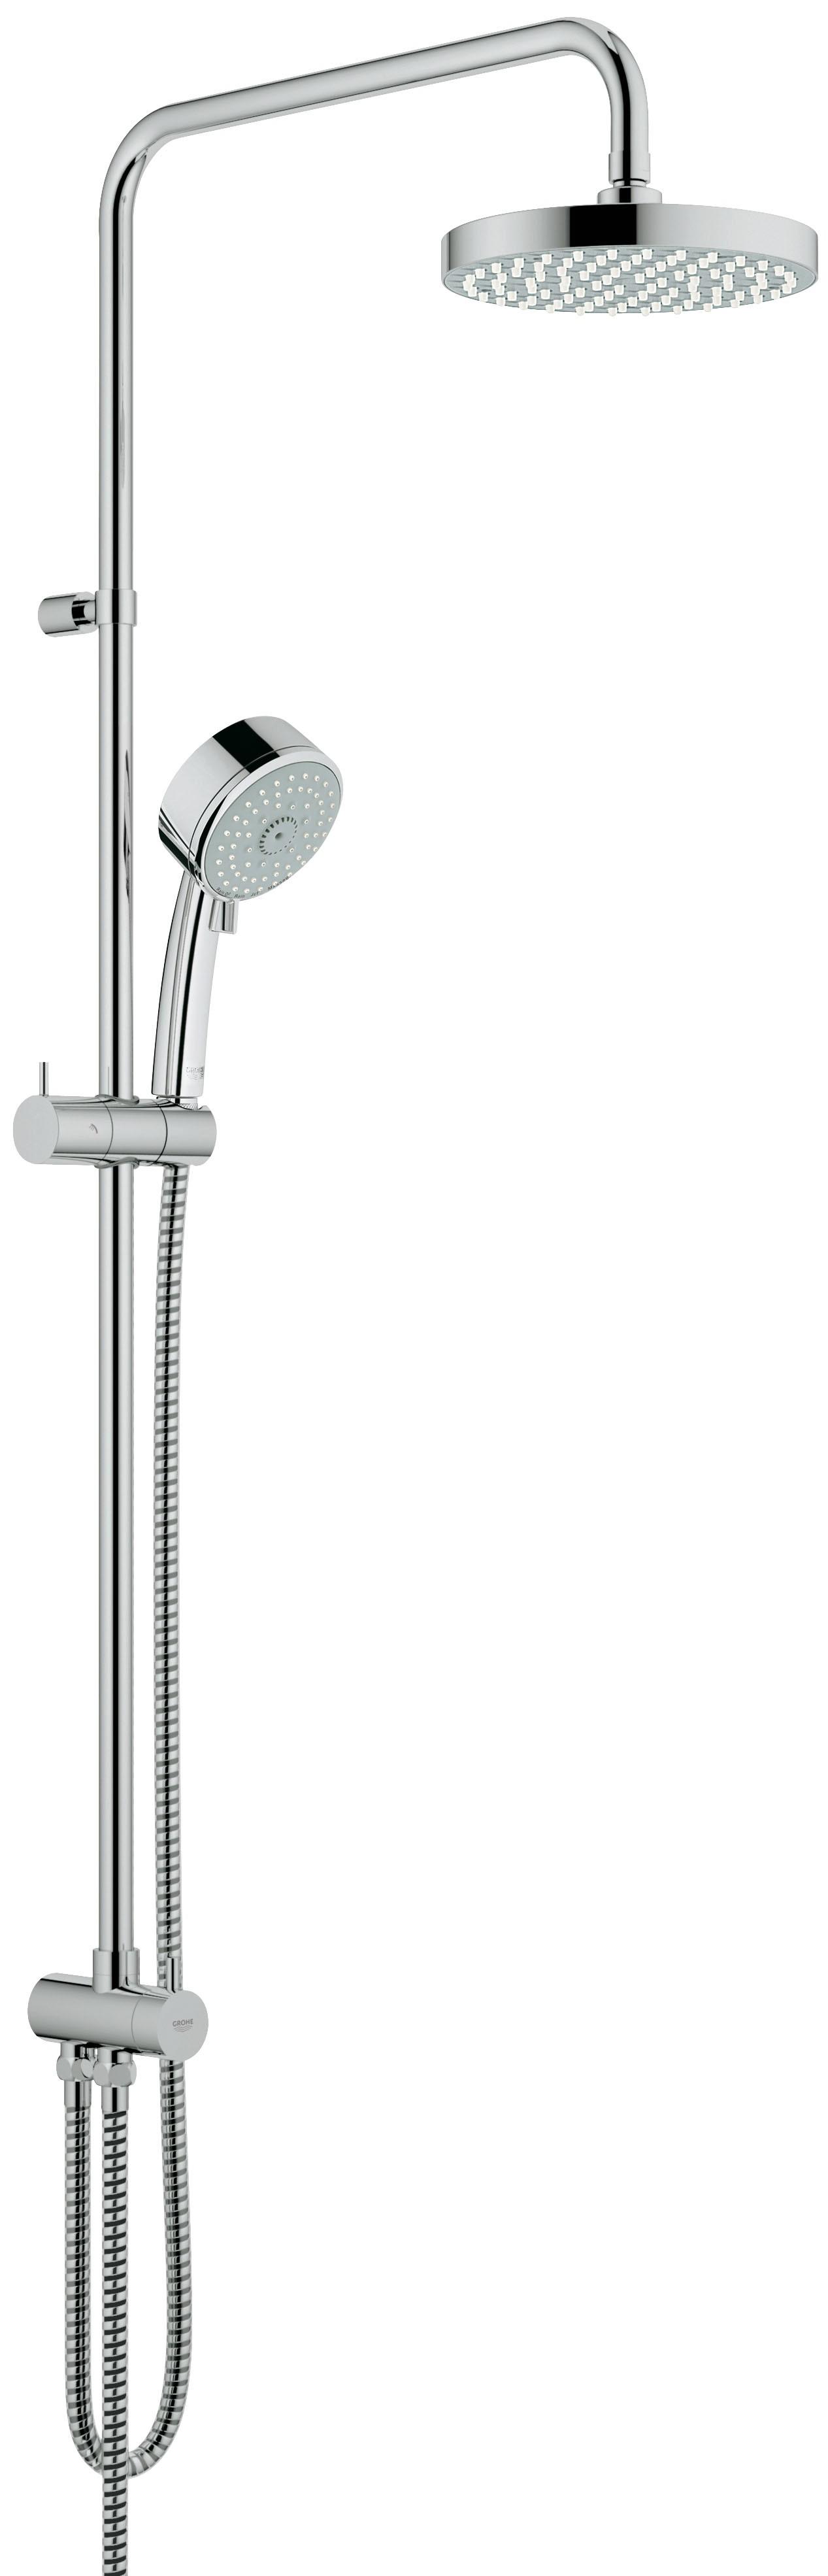 Душевая система Grohe 27394000 Tempesta Cosmopolitan, верхний и ручной душ, без смесителя, хром (27394000)